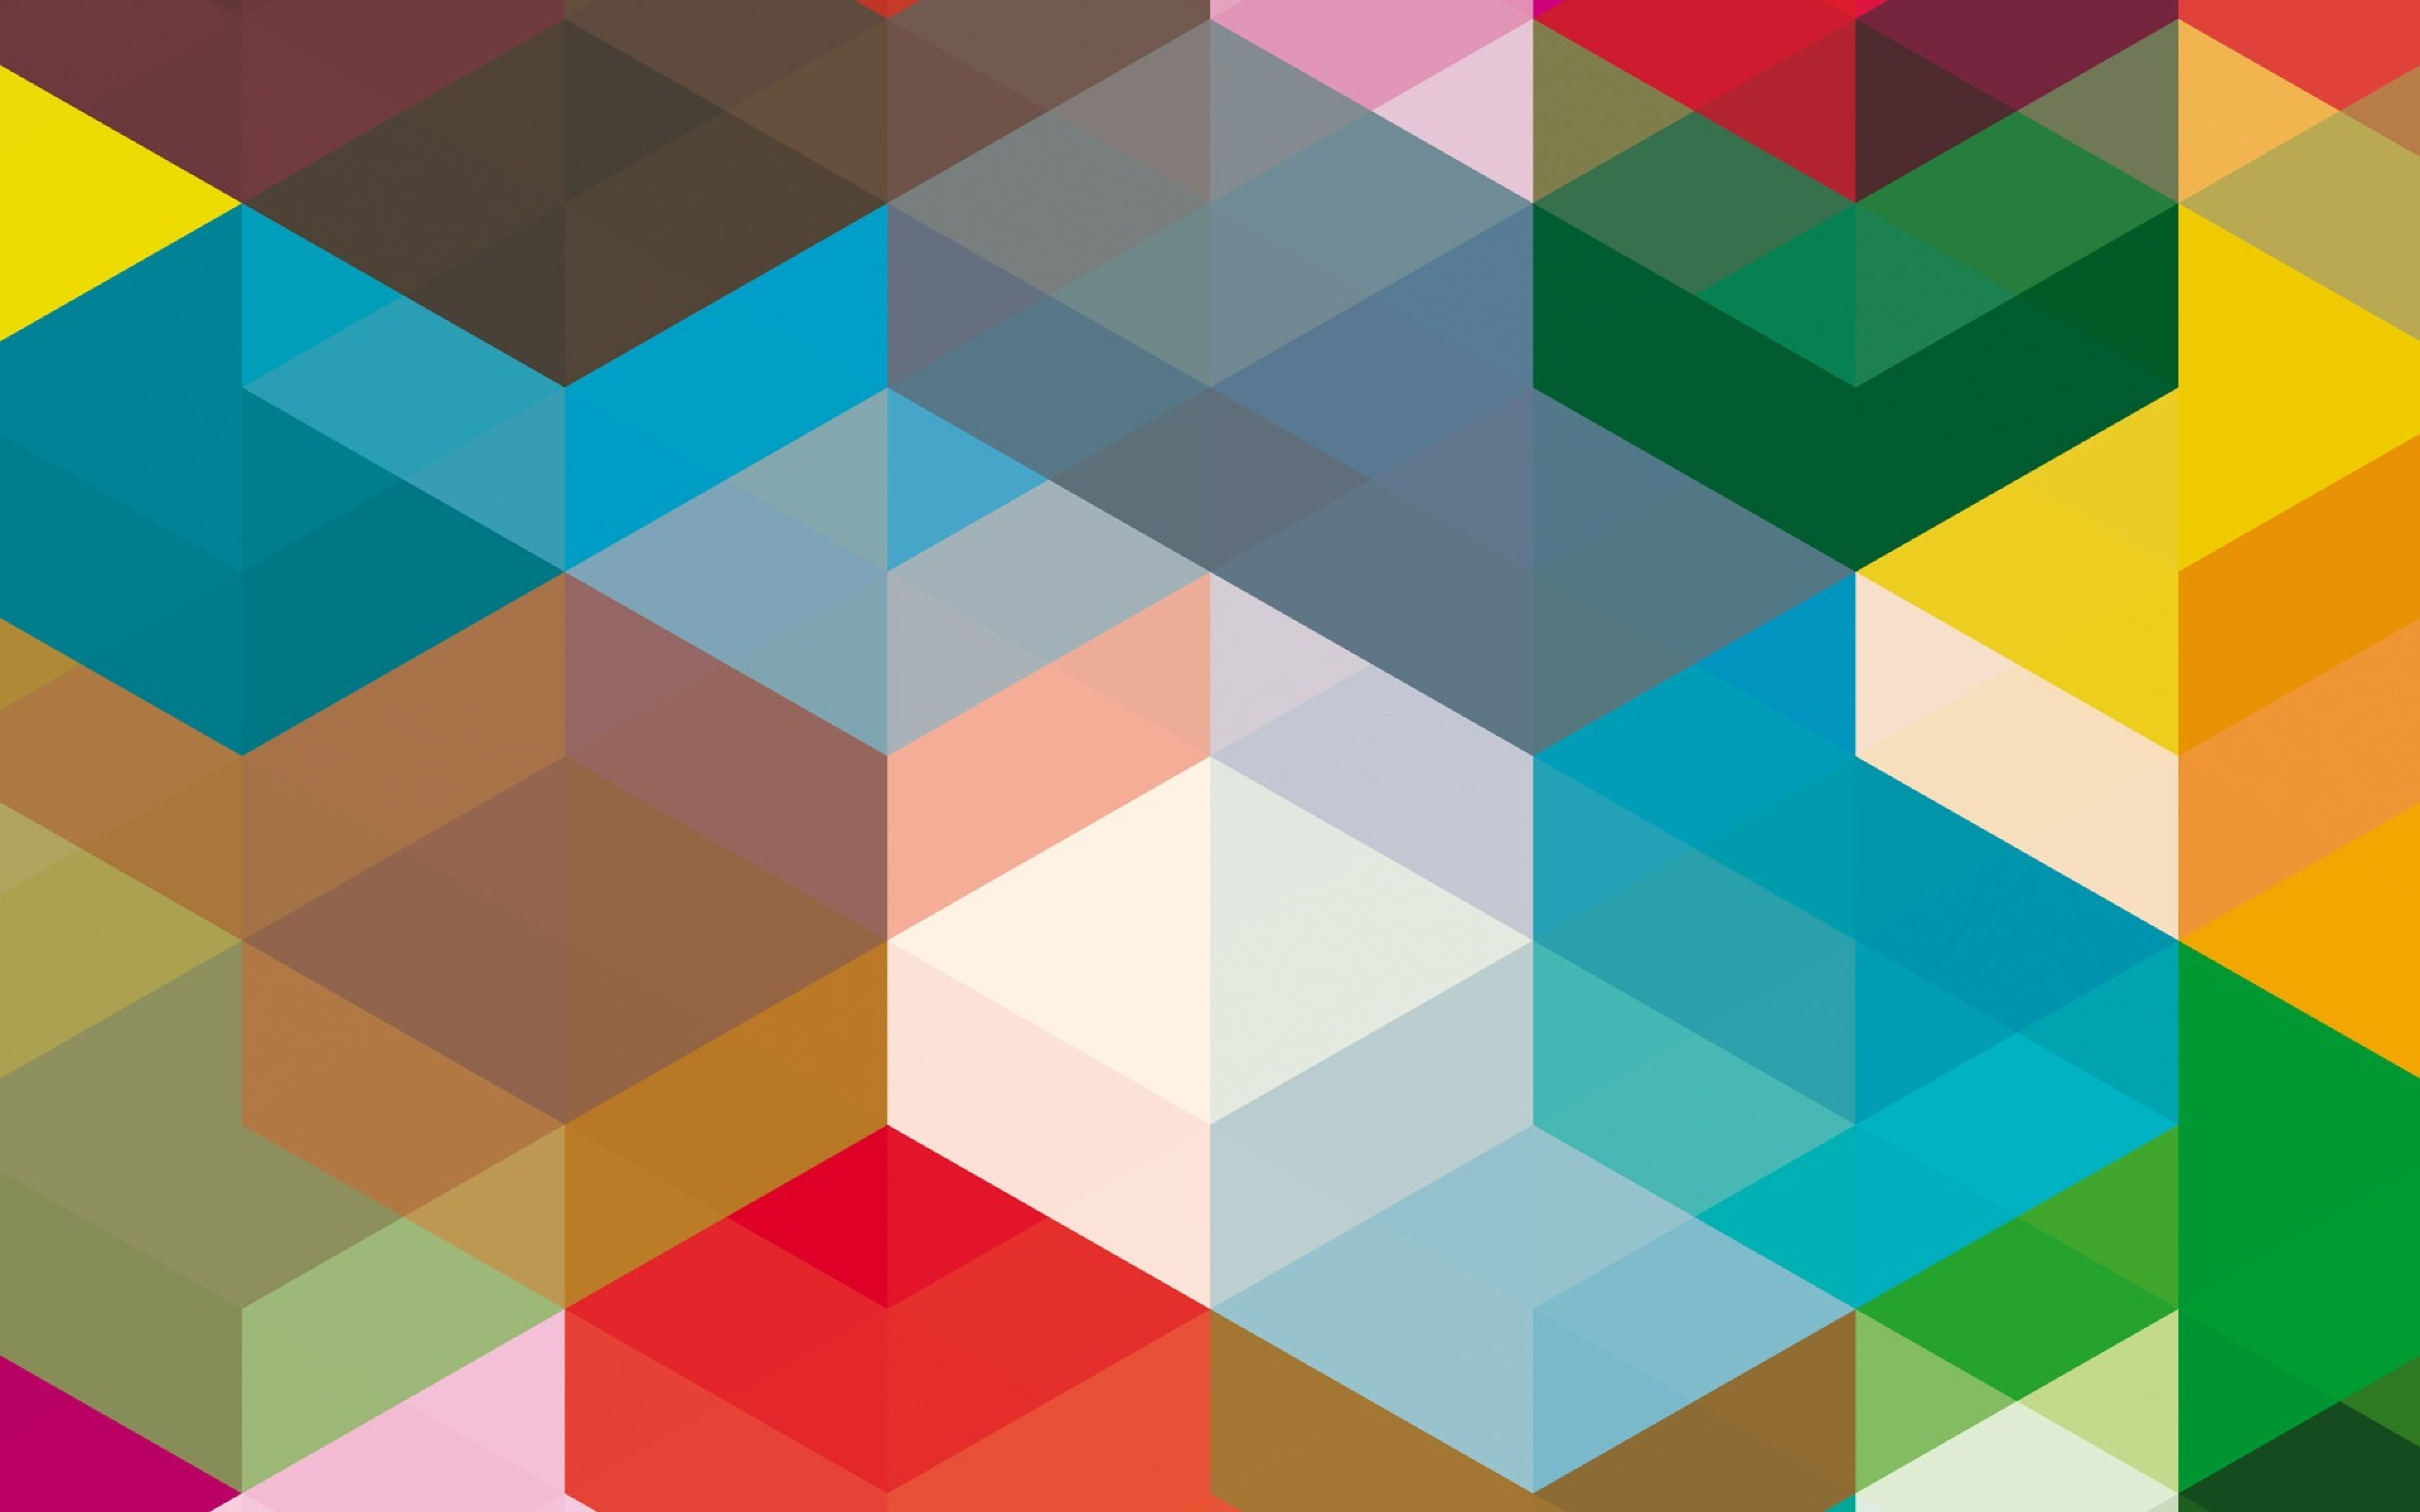 Shapes Wallpaper